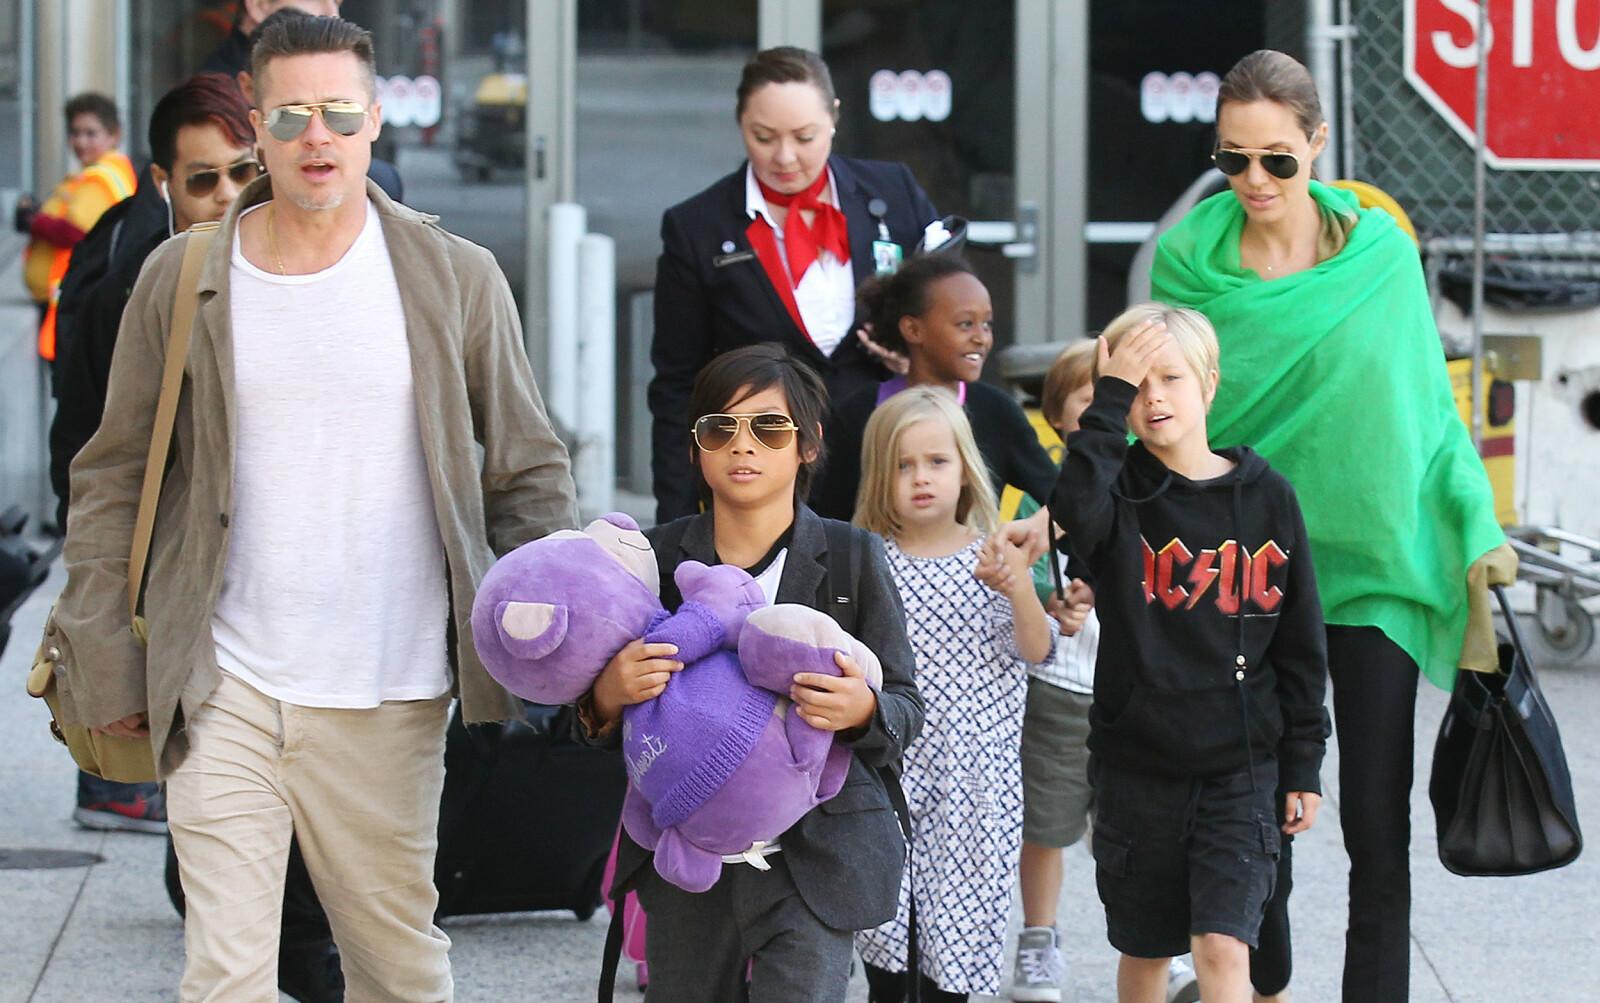 BARNEFLOKKEN: Brad Pitt og Angelina Jolie har barna Maddox, Shiloh, Pax, Knox, Vivienne og Zahara sammen. I dag krangler de om hvordan de skal fordele foreldreretten for barna etter skilsmissen i 2016. Dette bildet ble tatt i 2014. FOTO: NTB scanpix